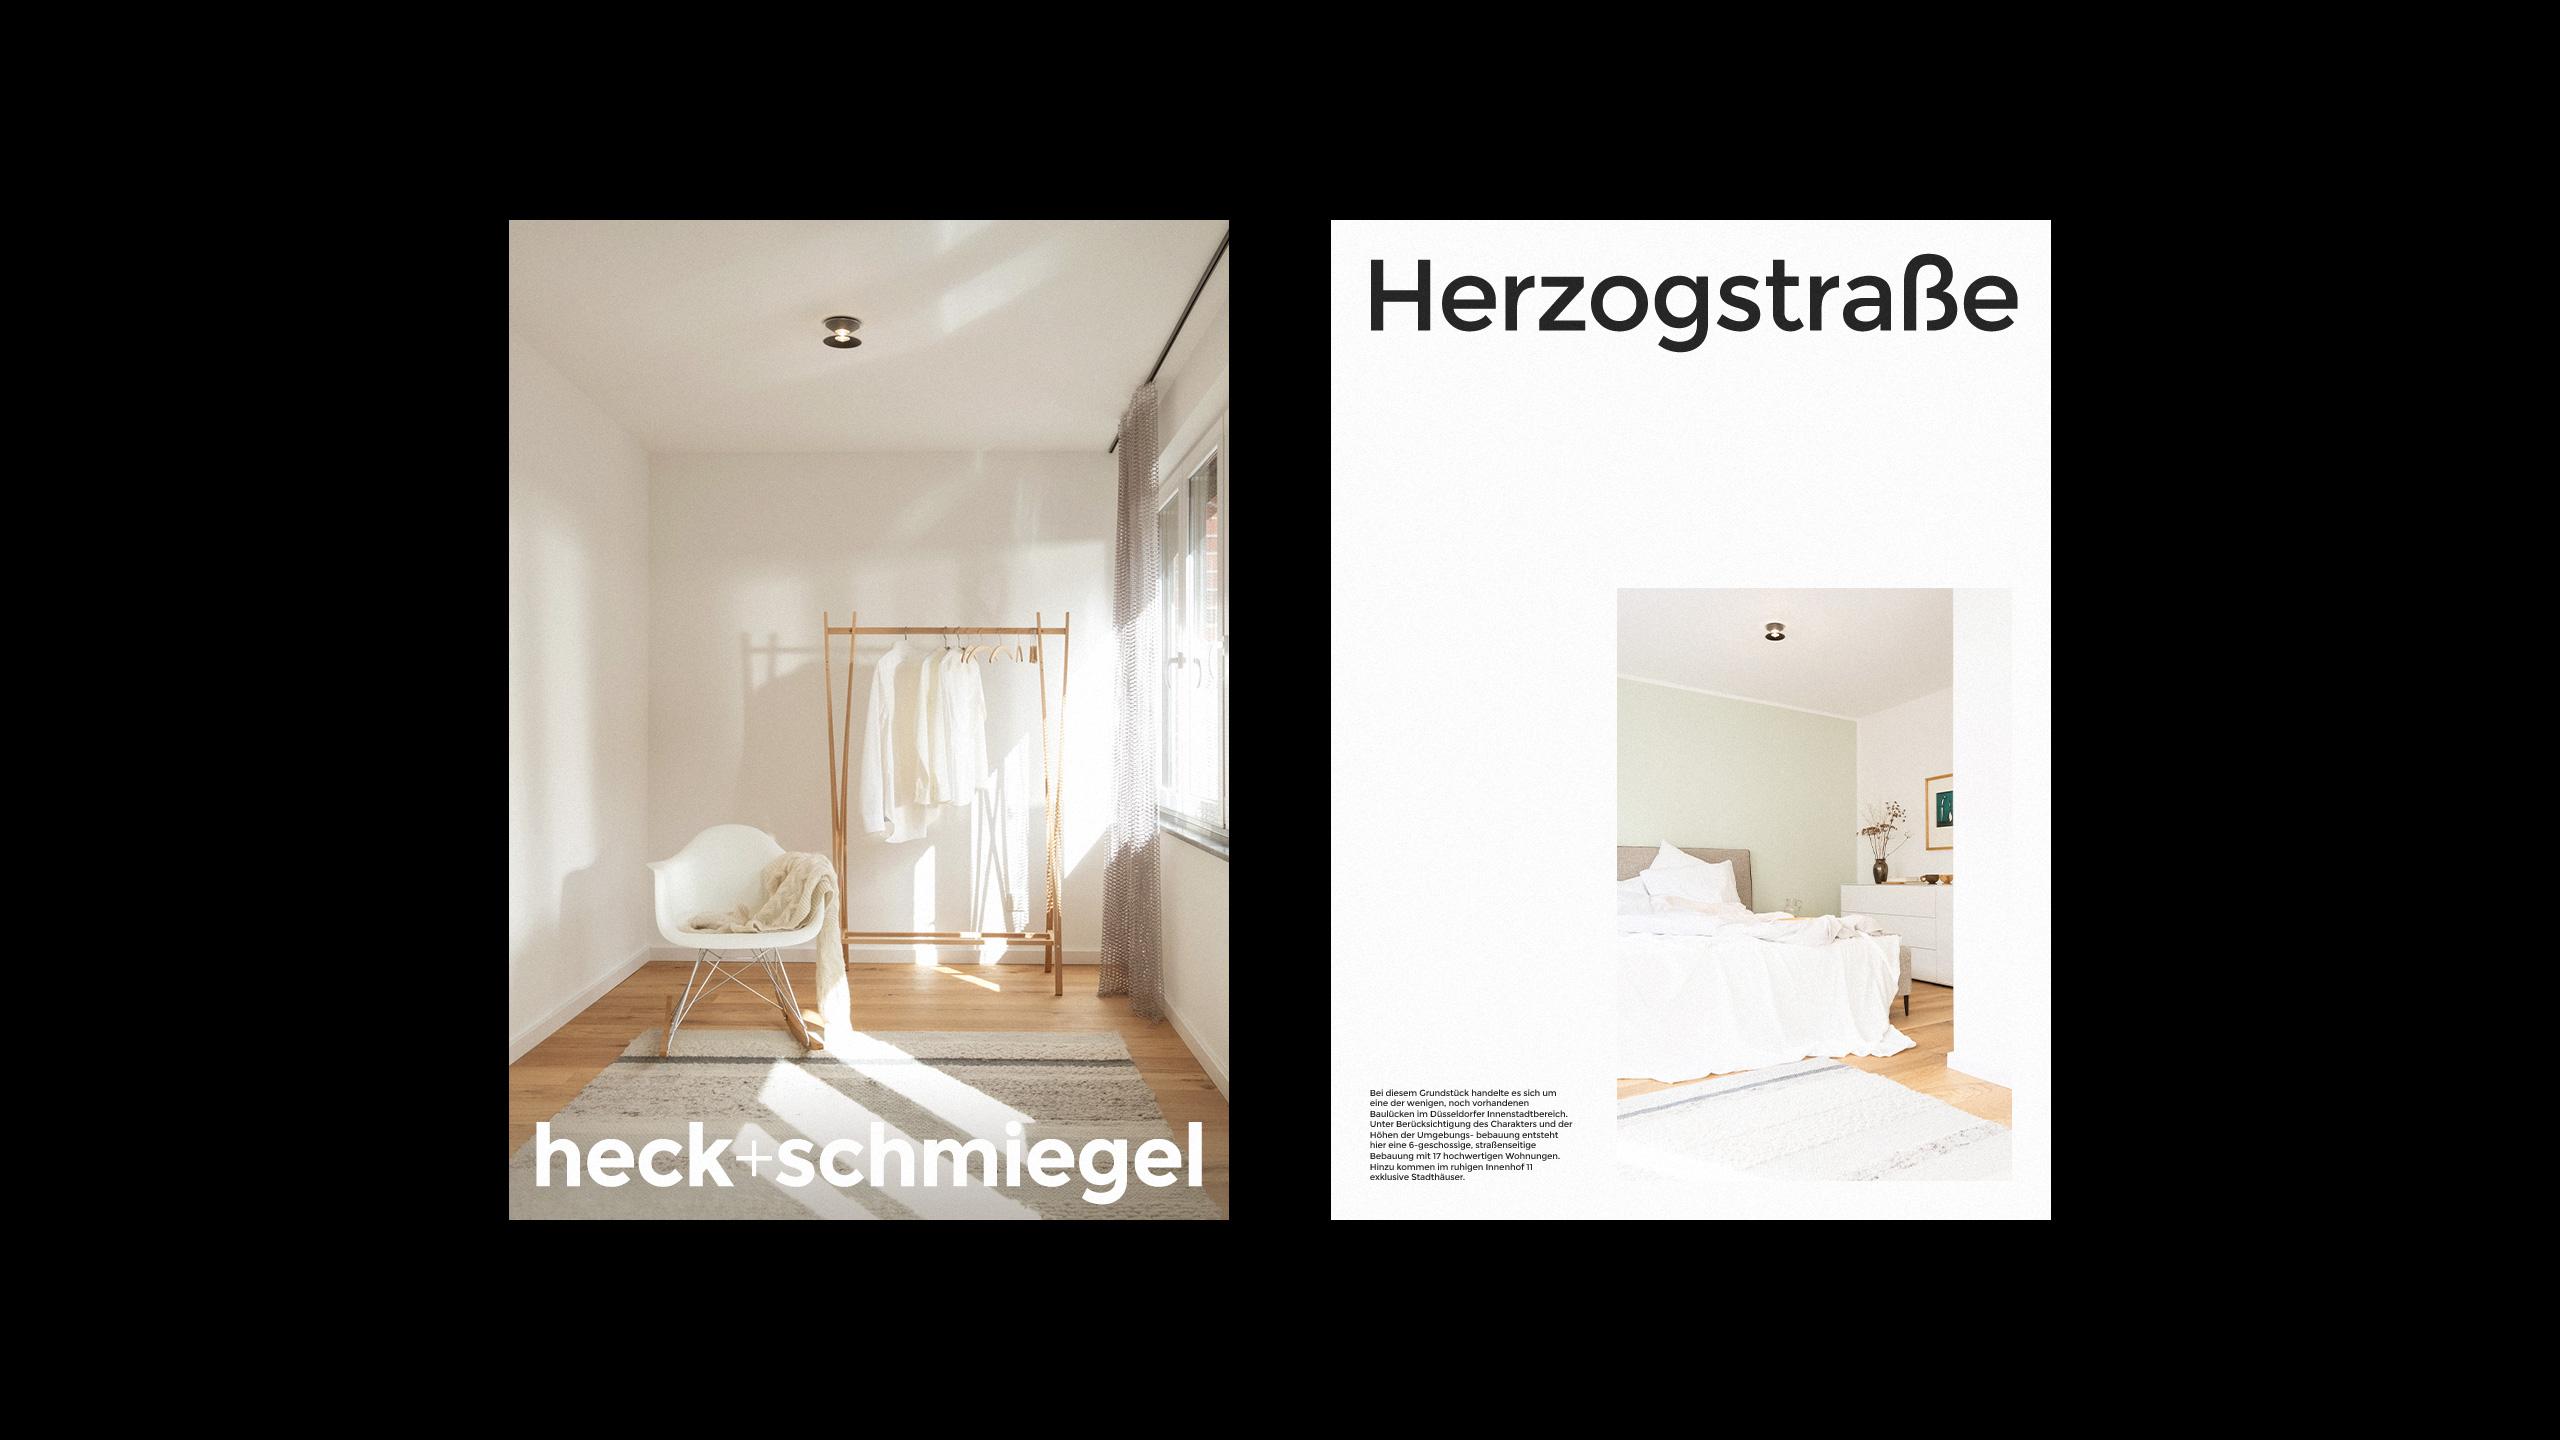 022-heckundschmiegel-architektur_high